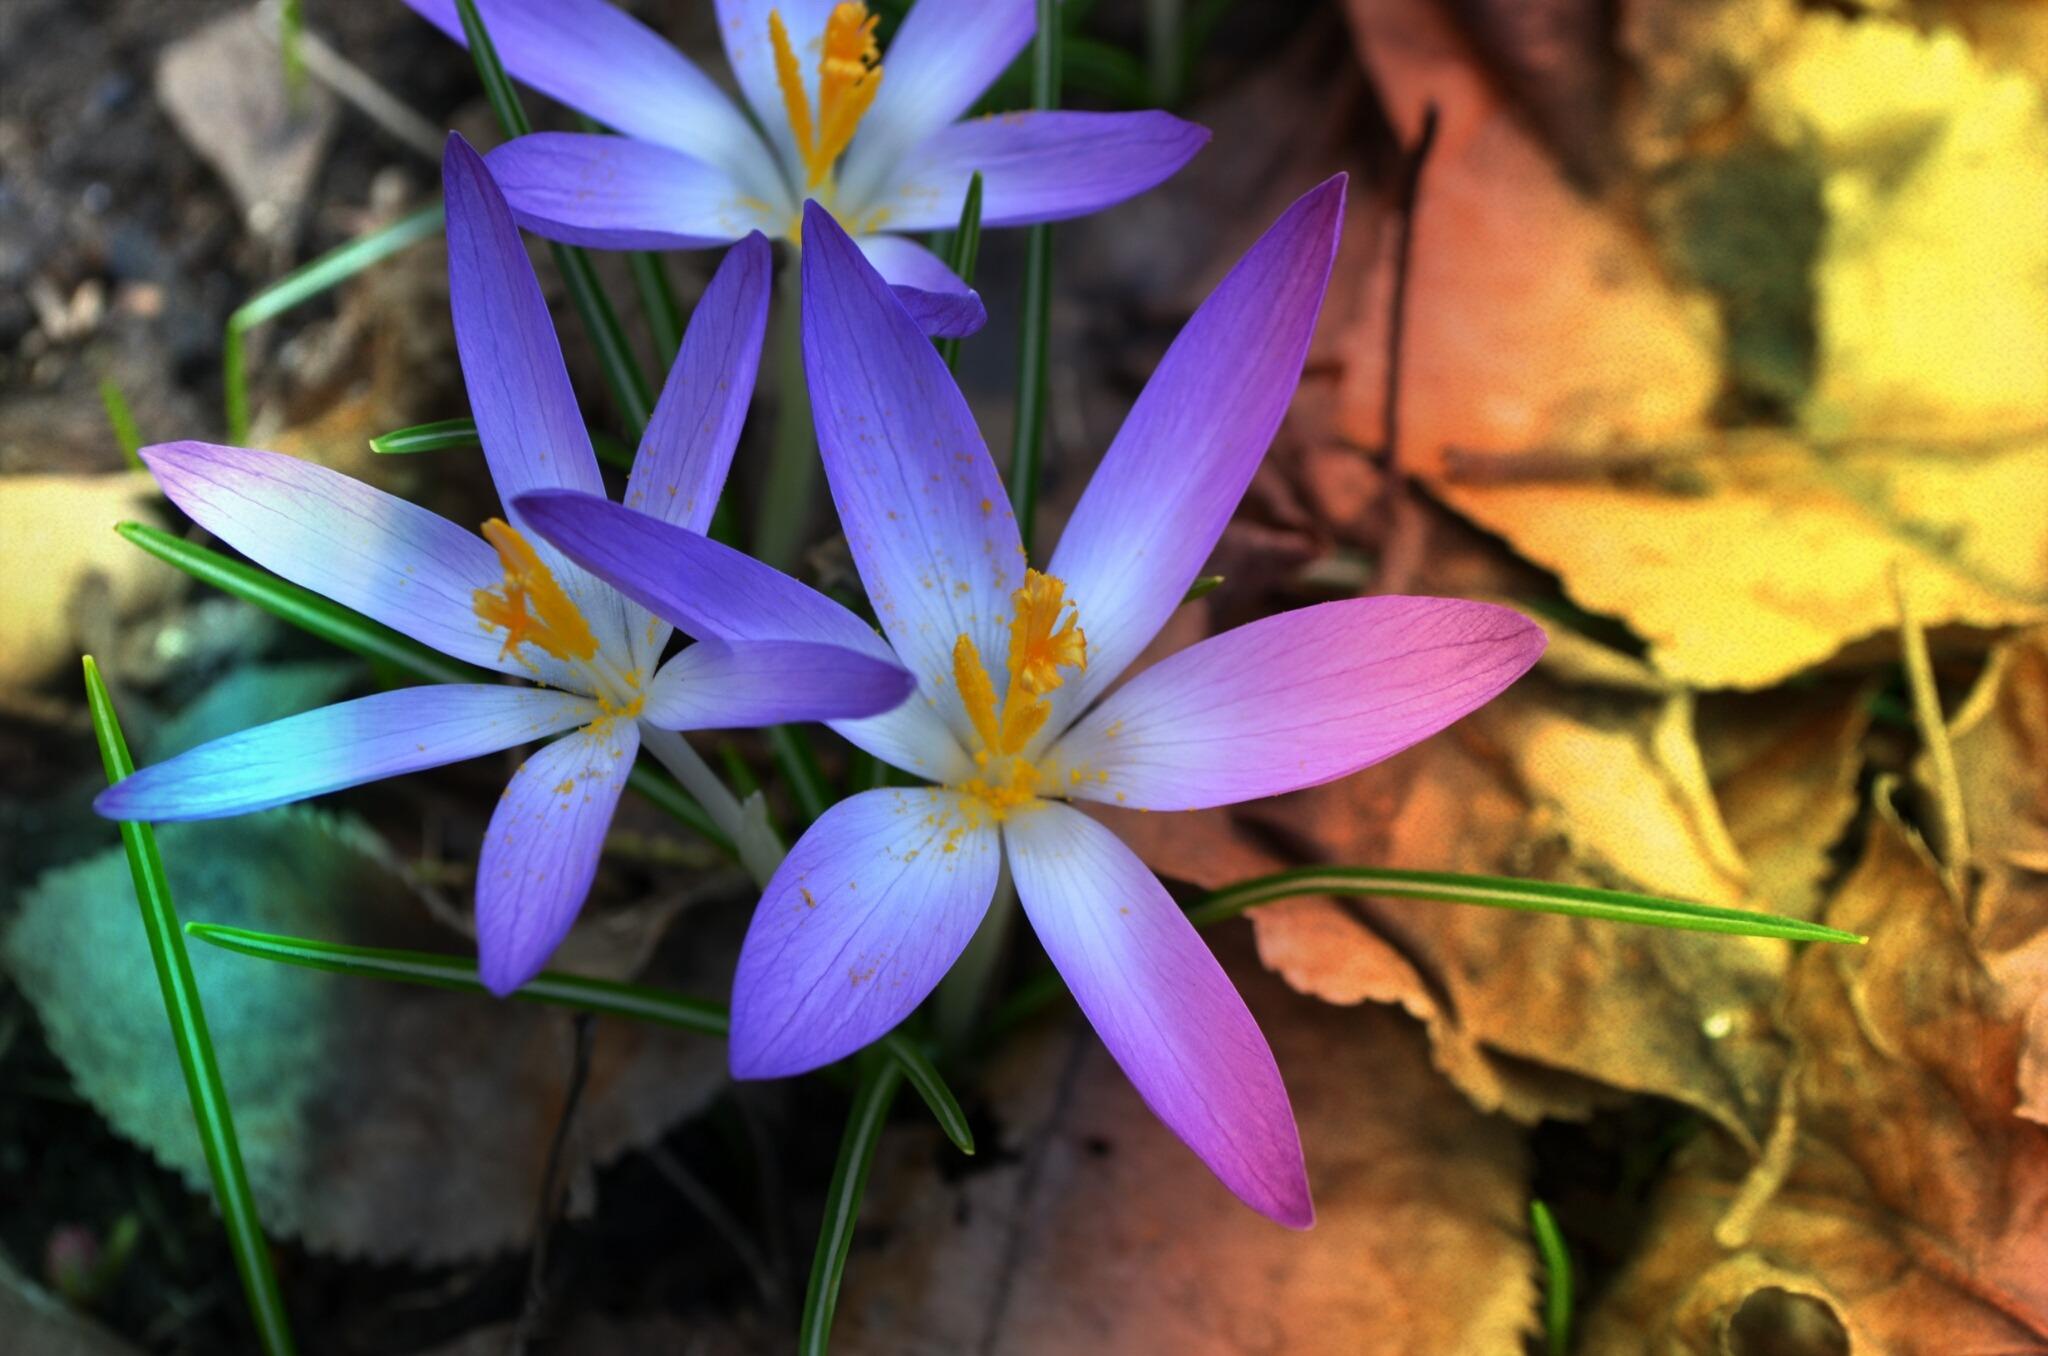 красивые дикие цветы фото интерьере